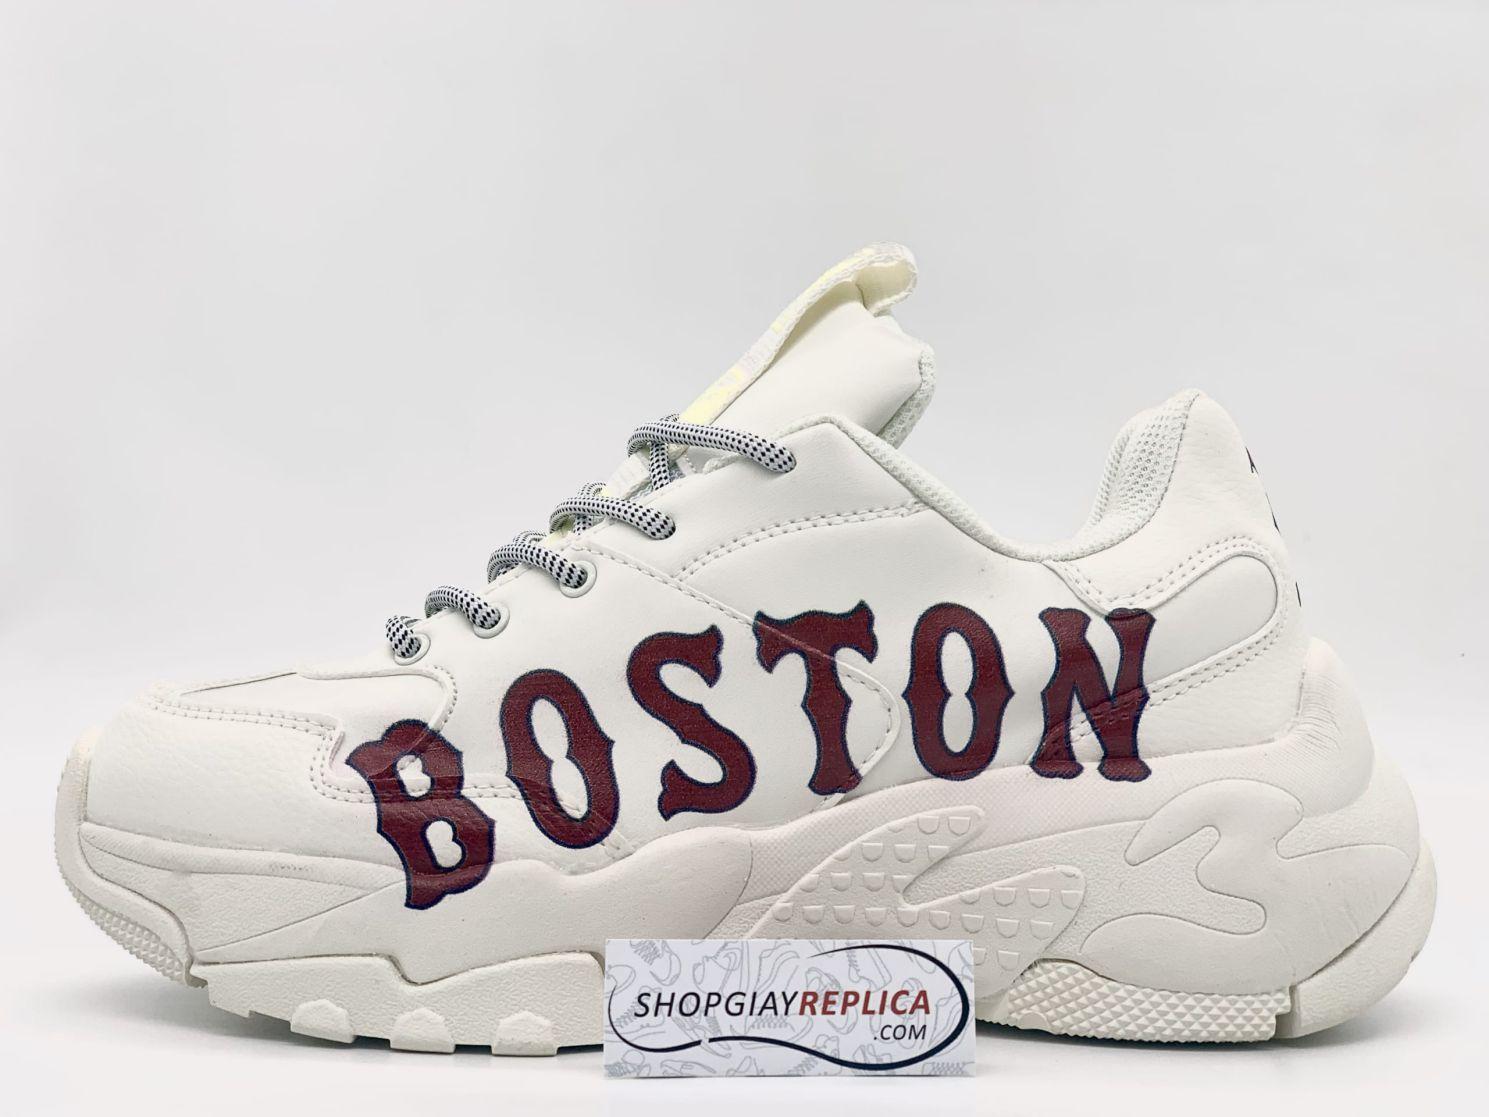 Giày MLB Boston đỏ rep 1:1